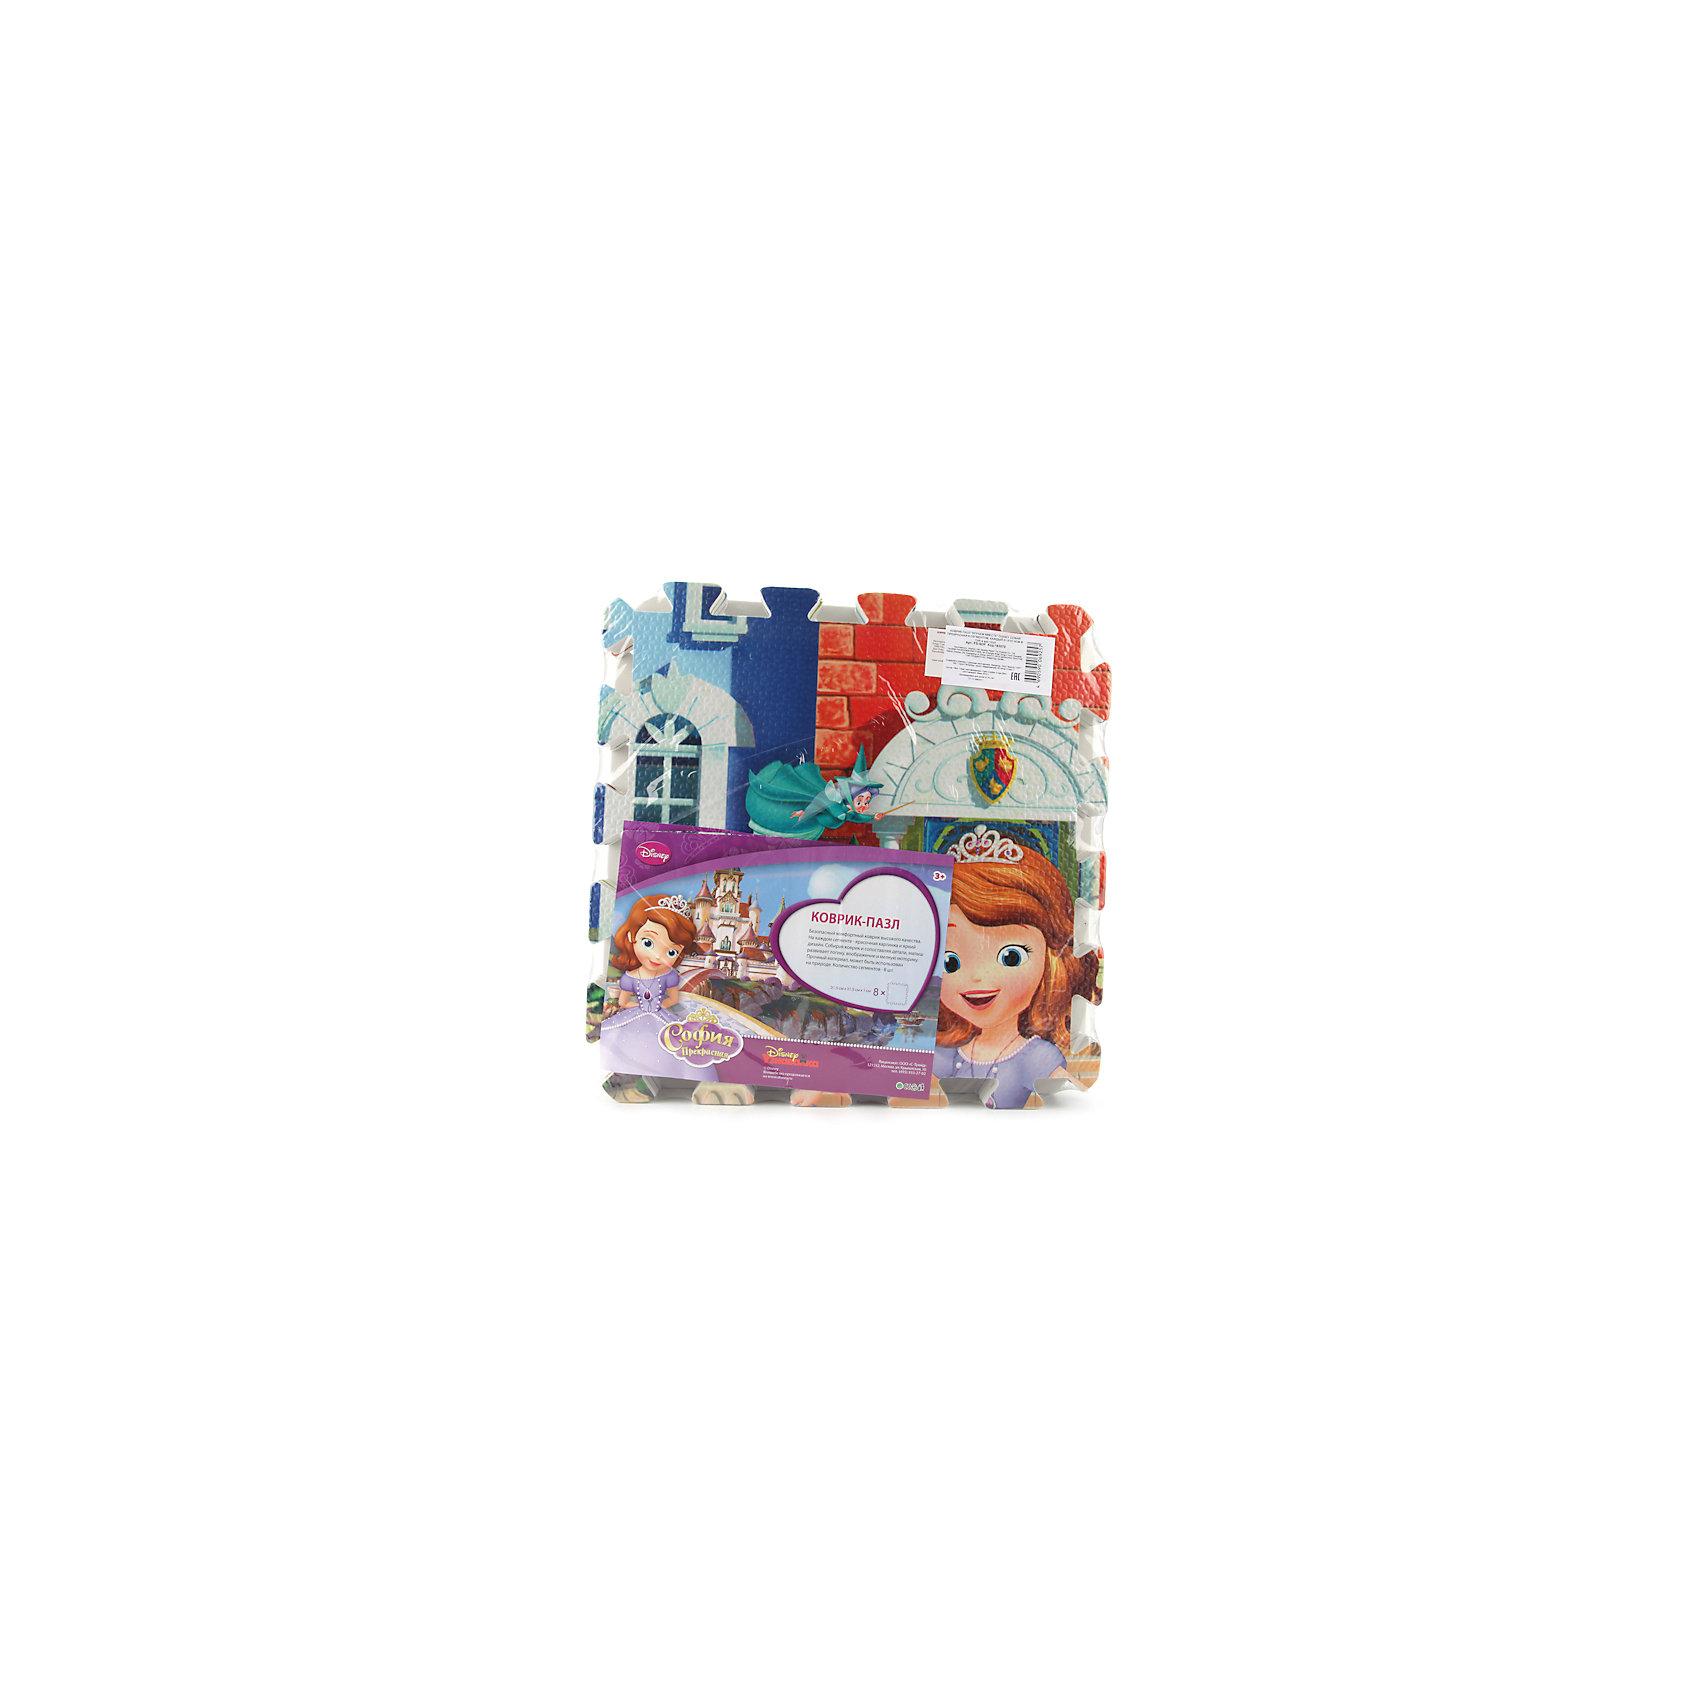 Коврик-пазл София прекрасная 8 сегментов, УмкаРазвивающие коврики<br>Игрушки могут не только развлекать малыша, но и помогать его всестороннему развитию. Этот коврик предназначен для формирования разных навыков, он помогает развить тактильное восприятие, цветовосприятие, научиться ориентироваться в пространстве, а также соотносить детали.<br>Изделие представляет собой коврик, состоящий из восьми деталей с изображением Софии Прекрасной и её друзей - любимых детских пресонажей. Сделан коврик из качественных материалов, безопасных для ребенка.<br><br>Дополнительная информация:<br><br>цвет: разноцветный;<br>материал: ПВХ;<br>количество сегментов: 8;<br>размер одного сегмента: 315 х 315 мм.<br><br>Коврик-пазл София прекрасная 8 сегментов от бренда Умка можно купить в нашем магазине.<br><br>Ширина мм: 80<br>Глубина мм: 320<br>Высота мм: 320<br>Вес г: 580<br>Возраст от месяцев: 36<br>Возраст до месяцев: 2147483647<br>Пол: Женский<br>Возраст: Детский<br>SKU: 5002211